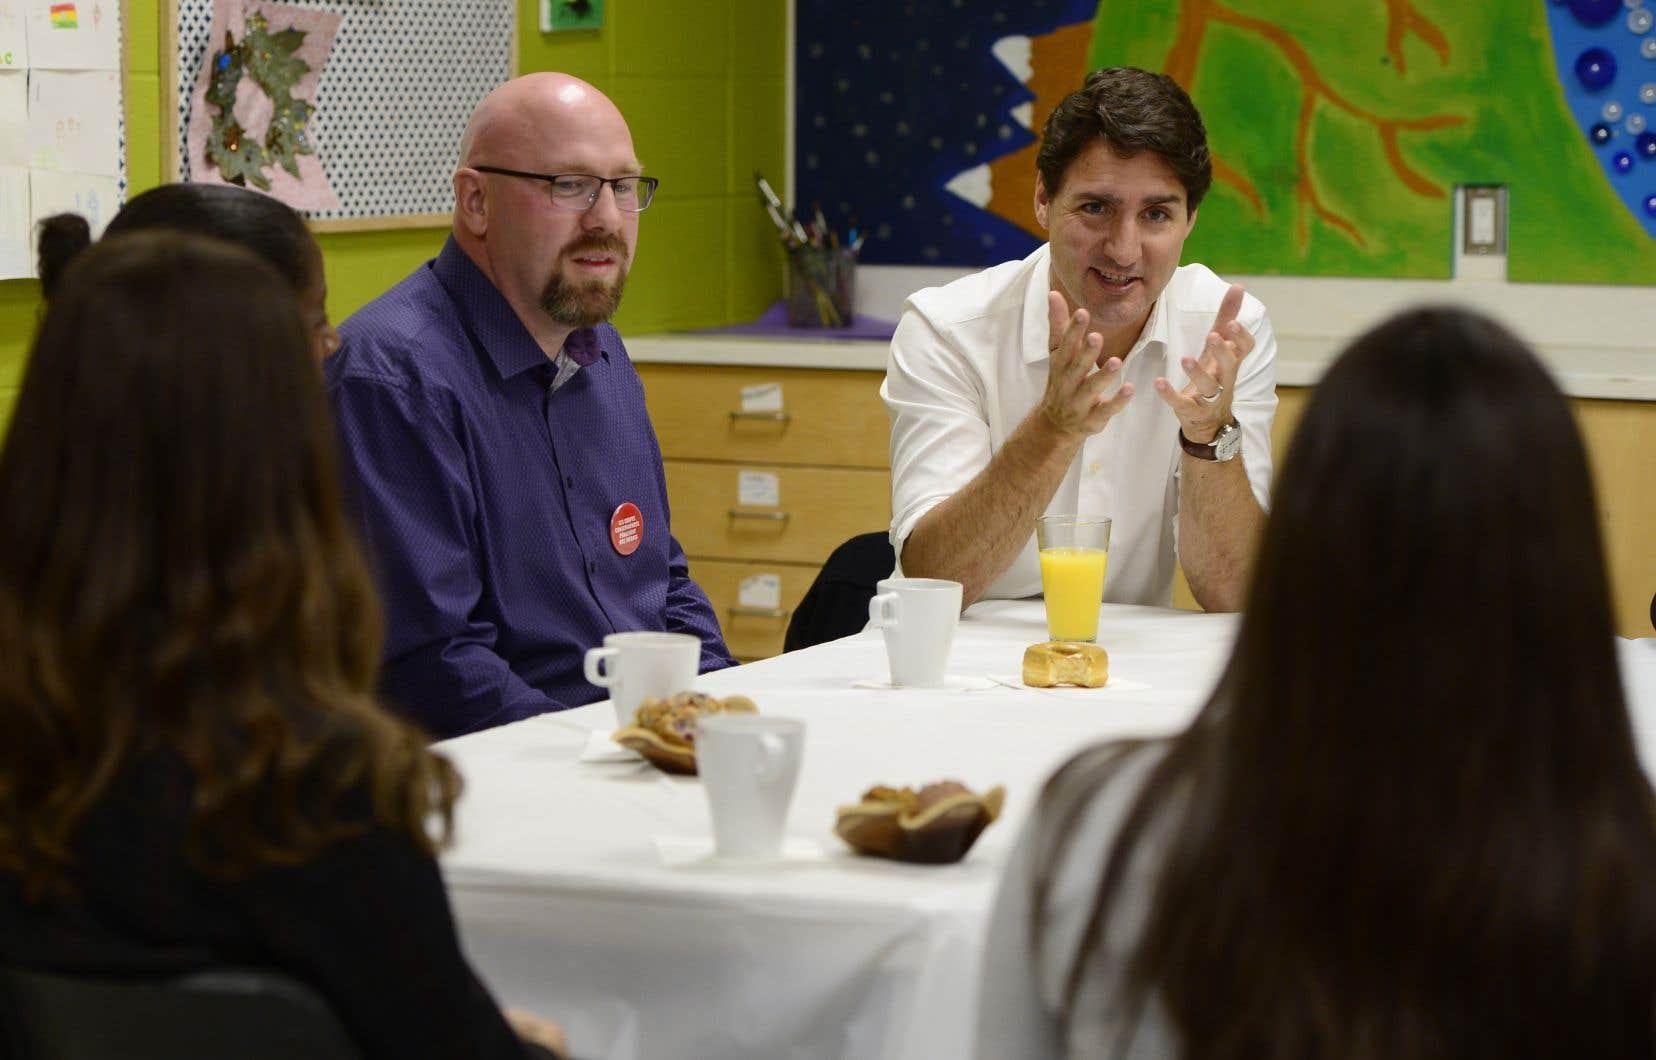 Justin Trudeau a commencé sa journée en compagnie d'enseignants à Ottawa, une des rares activités au menu des chefs de parti en ce jour de débat électoral.